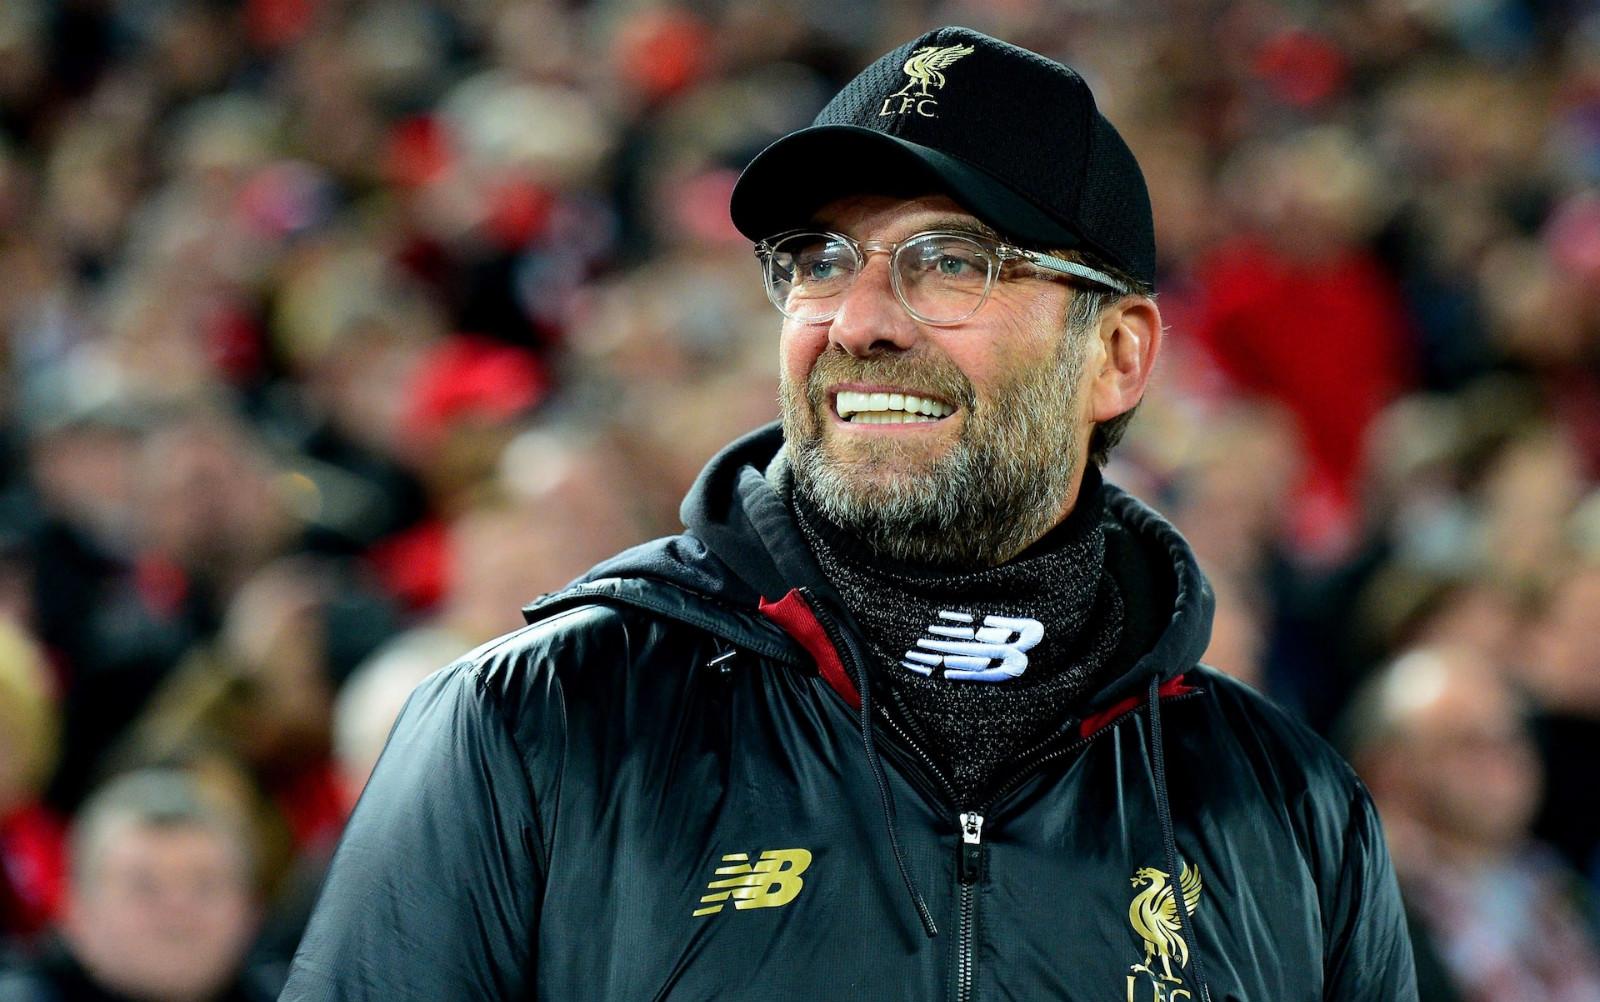 克洛普:不能只用冠军数来衡量我在利物浦的工作